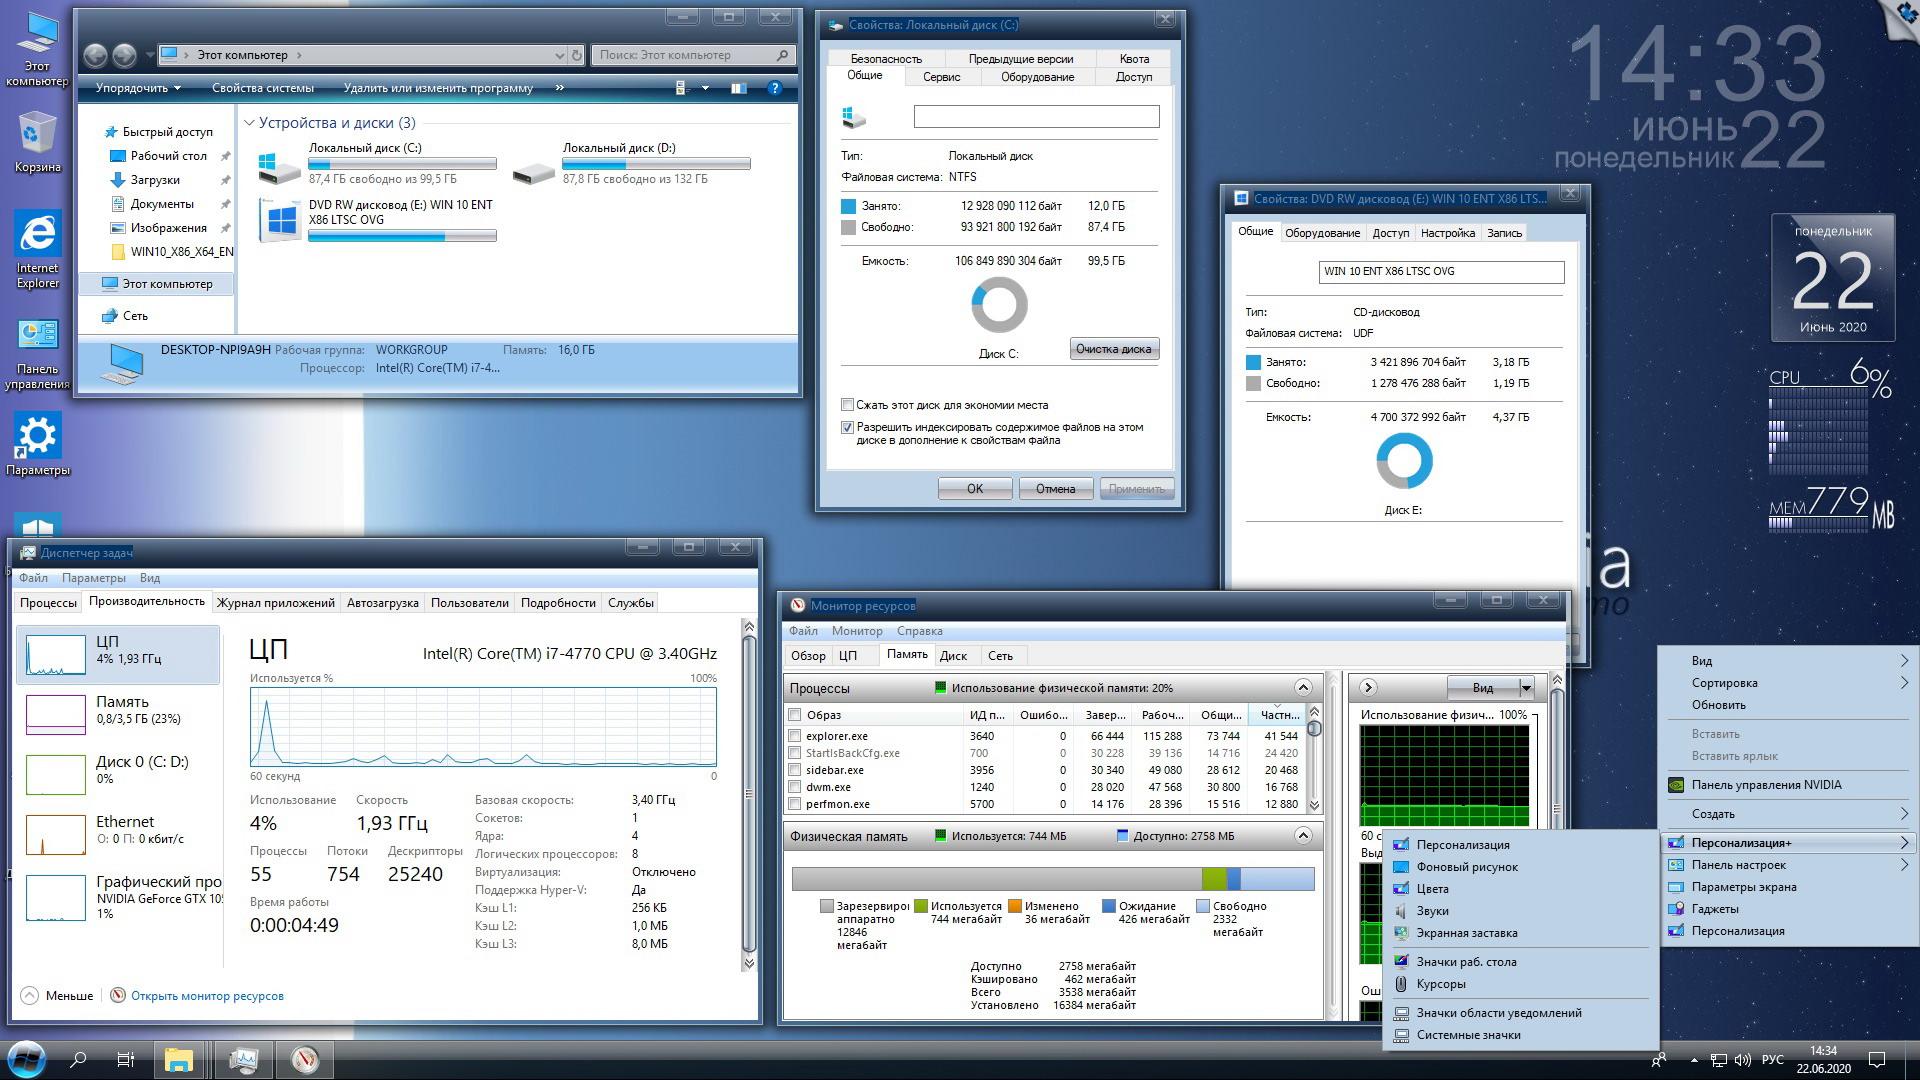 Microsoft® Windows® 10 Enterprise LTSC 2019 x86-x64 1809 RU by OVGorskiy 06.2020 2DVD (2020) Русский